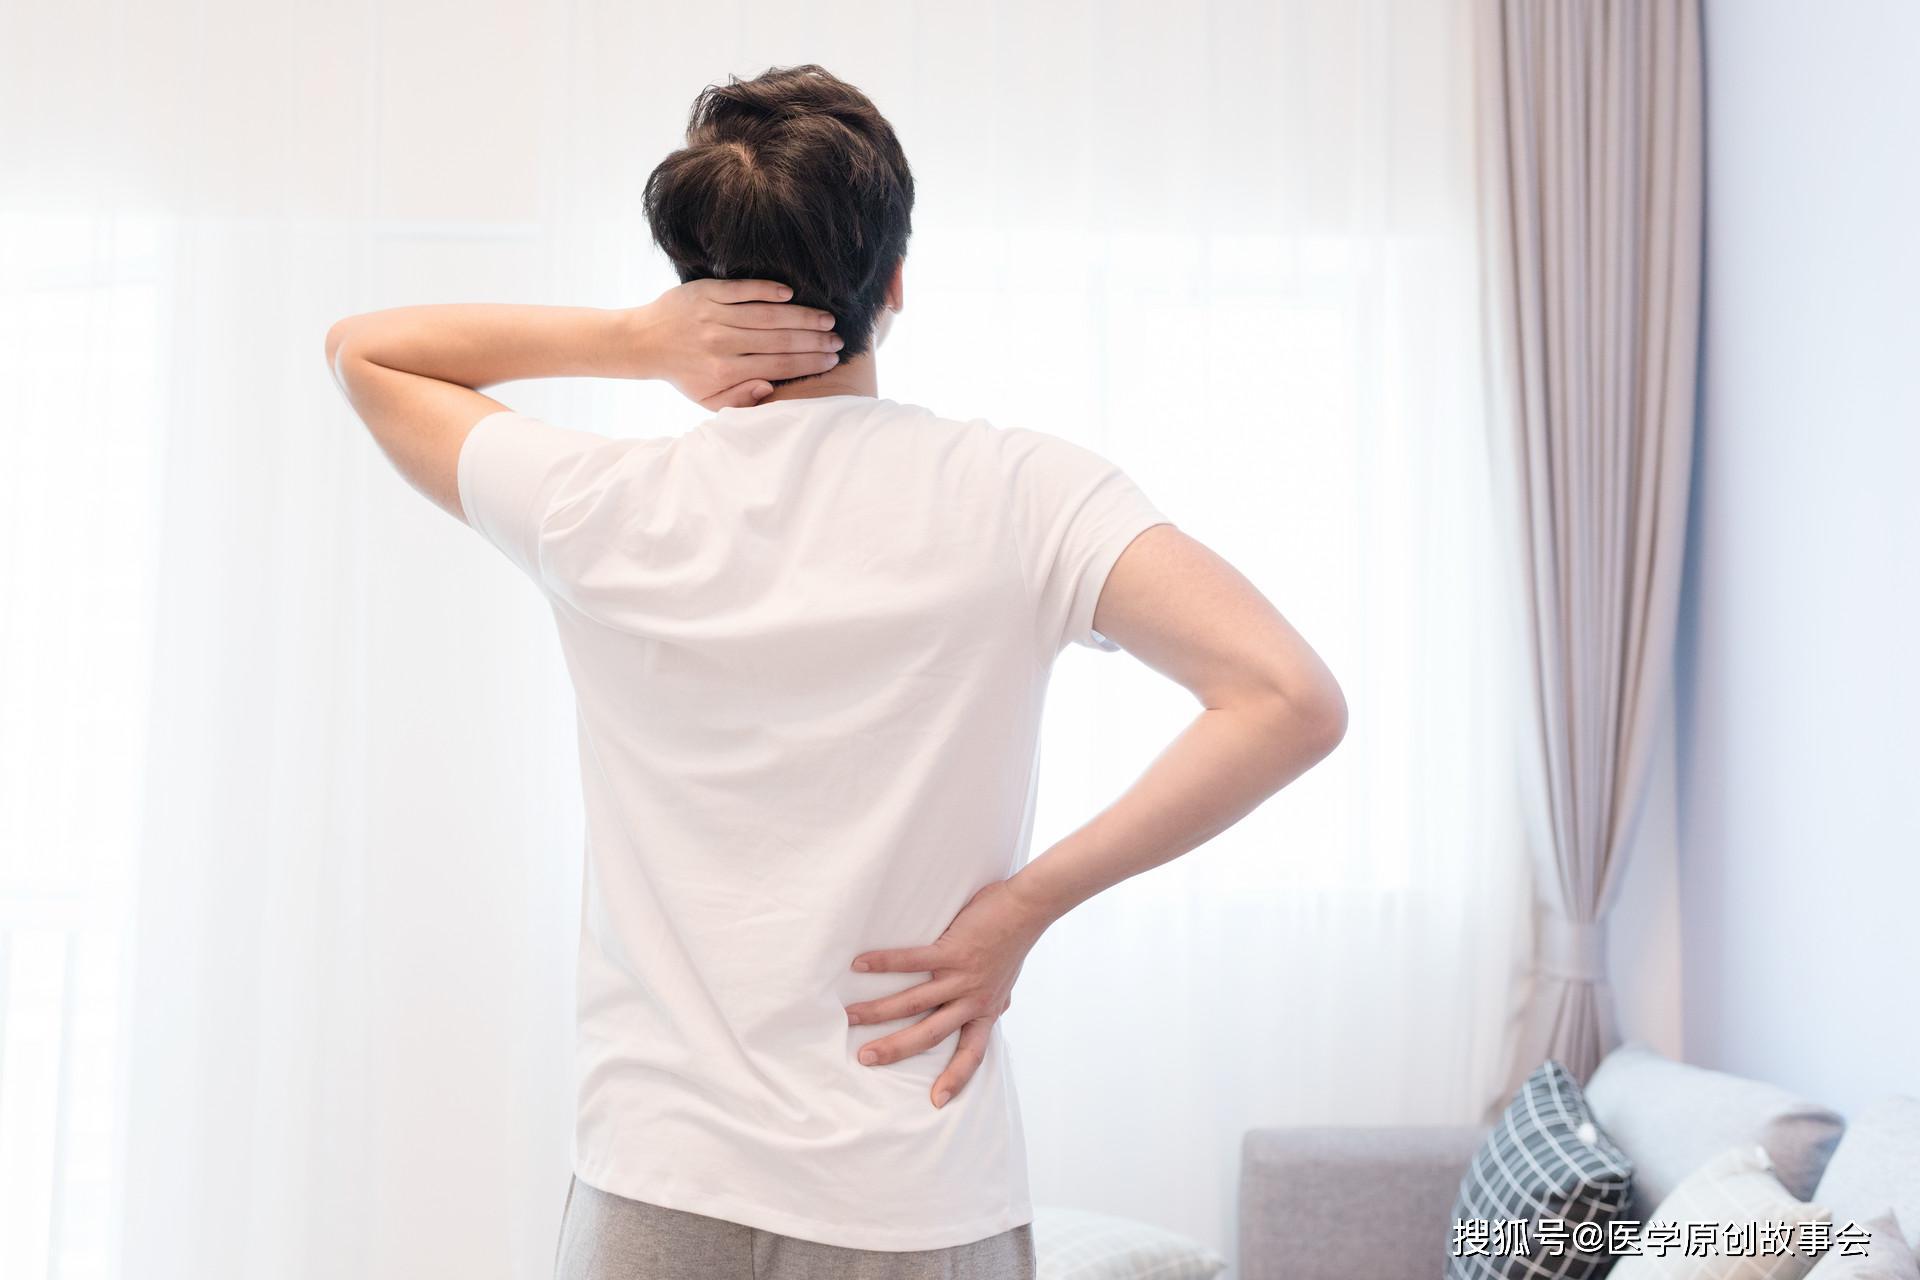 原创寿命长的男人,睡觉前常坚持四不要,若四个都没有,提示该体检了